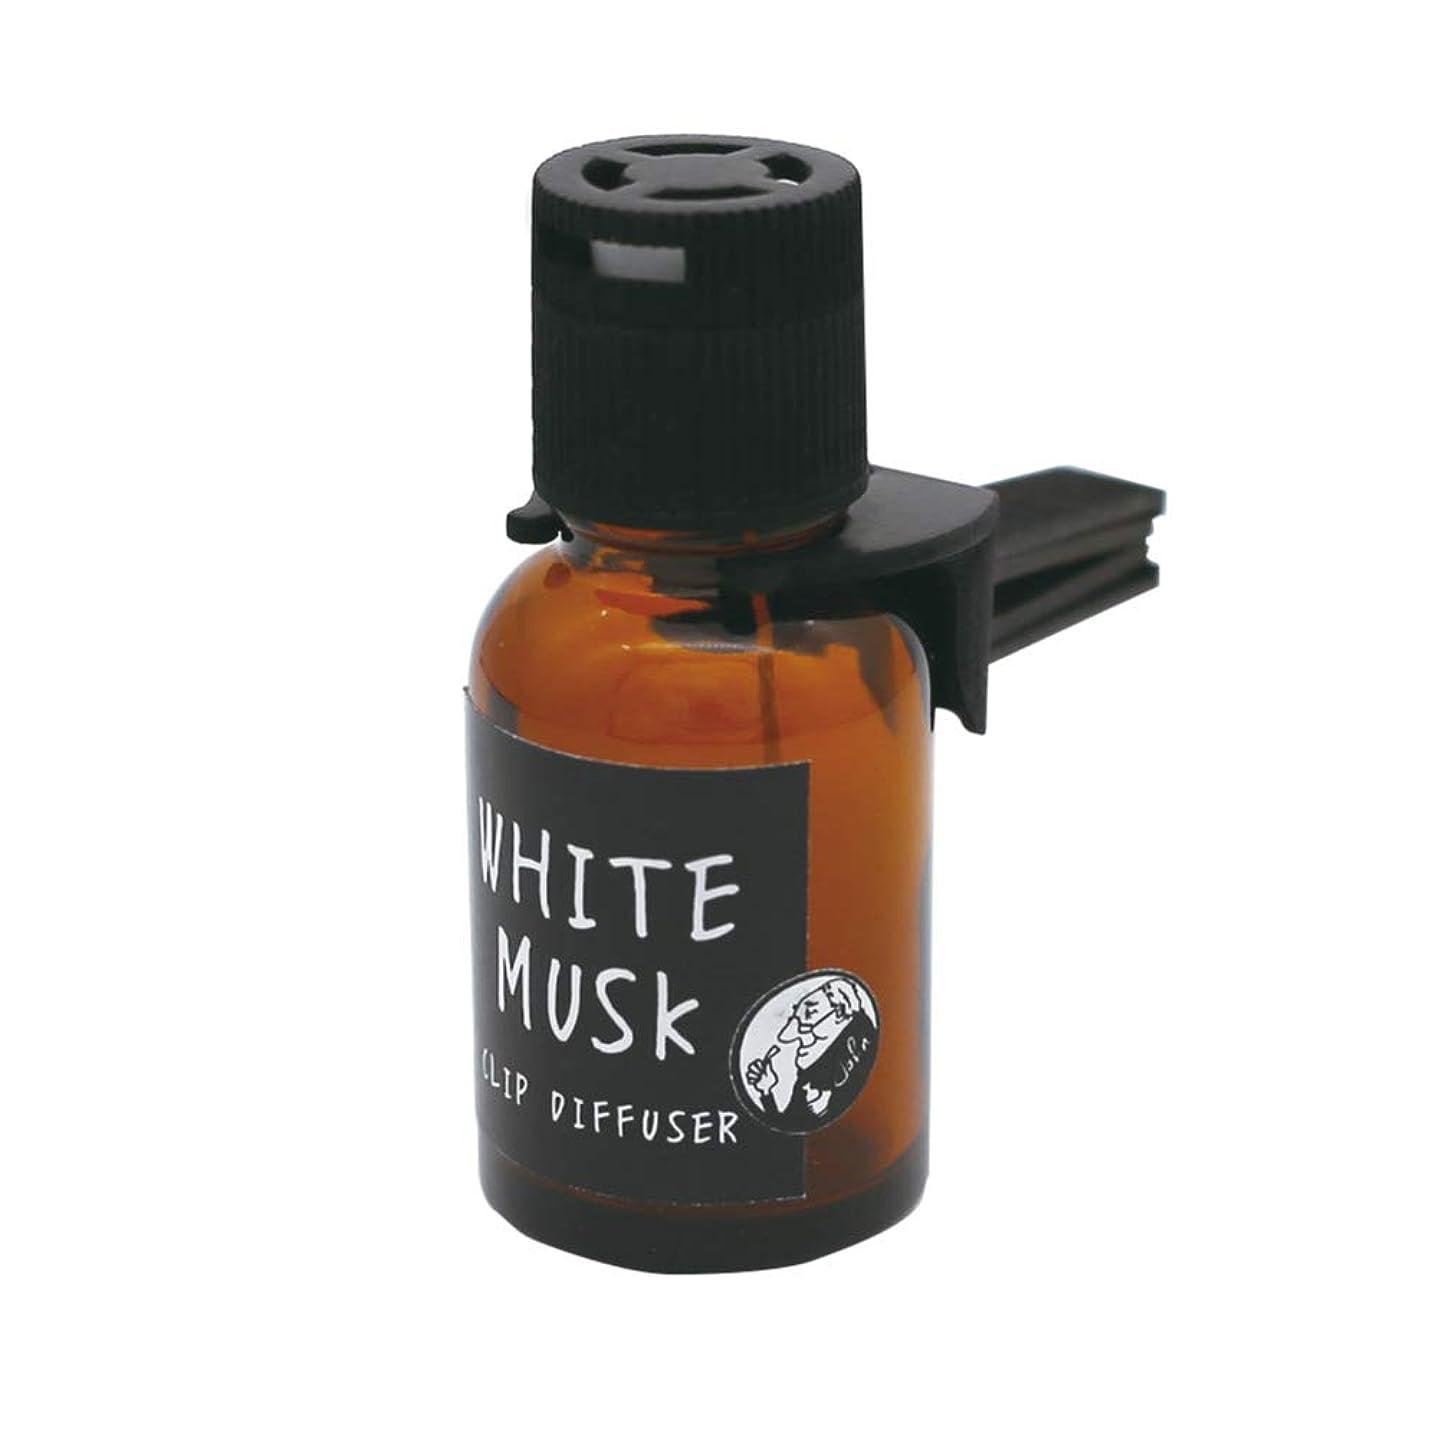 テレビ局蛇行森ノルコーポレーション John's Blend 車用芳香剤 クリップディフューザー OA-JON-20-1 ホワイトムスクの香り 18ml